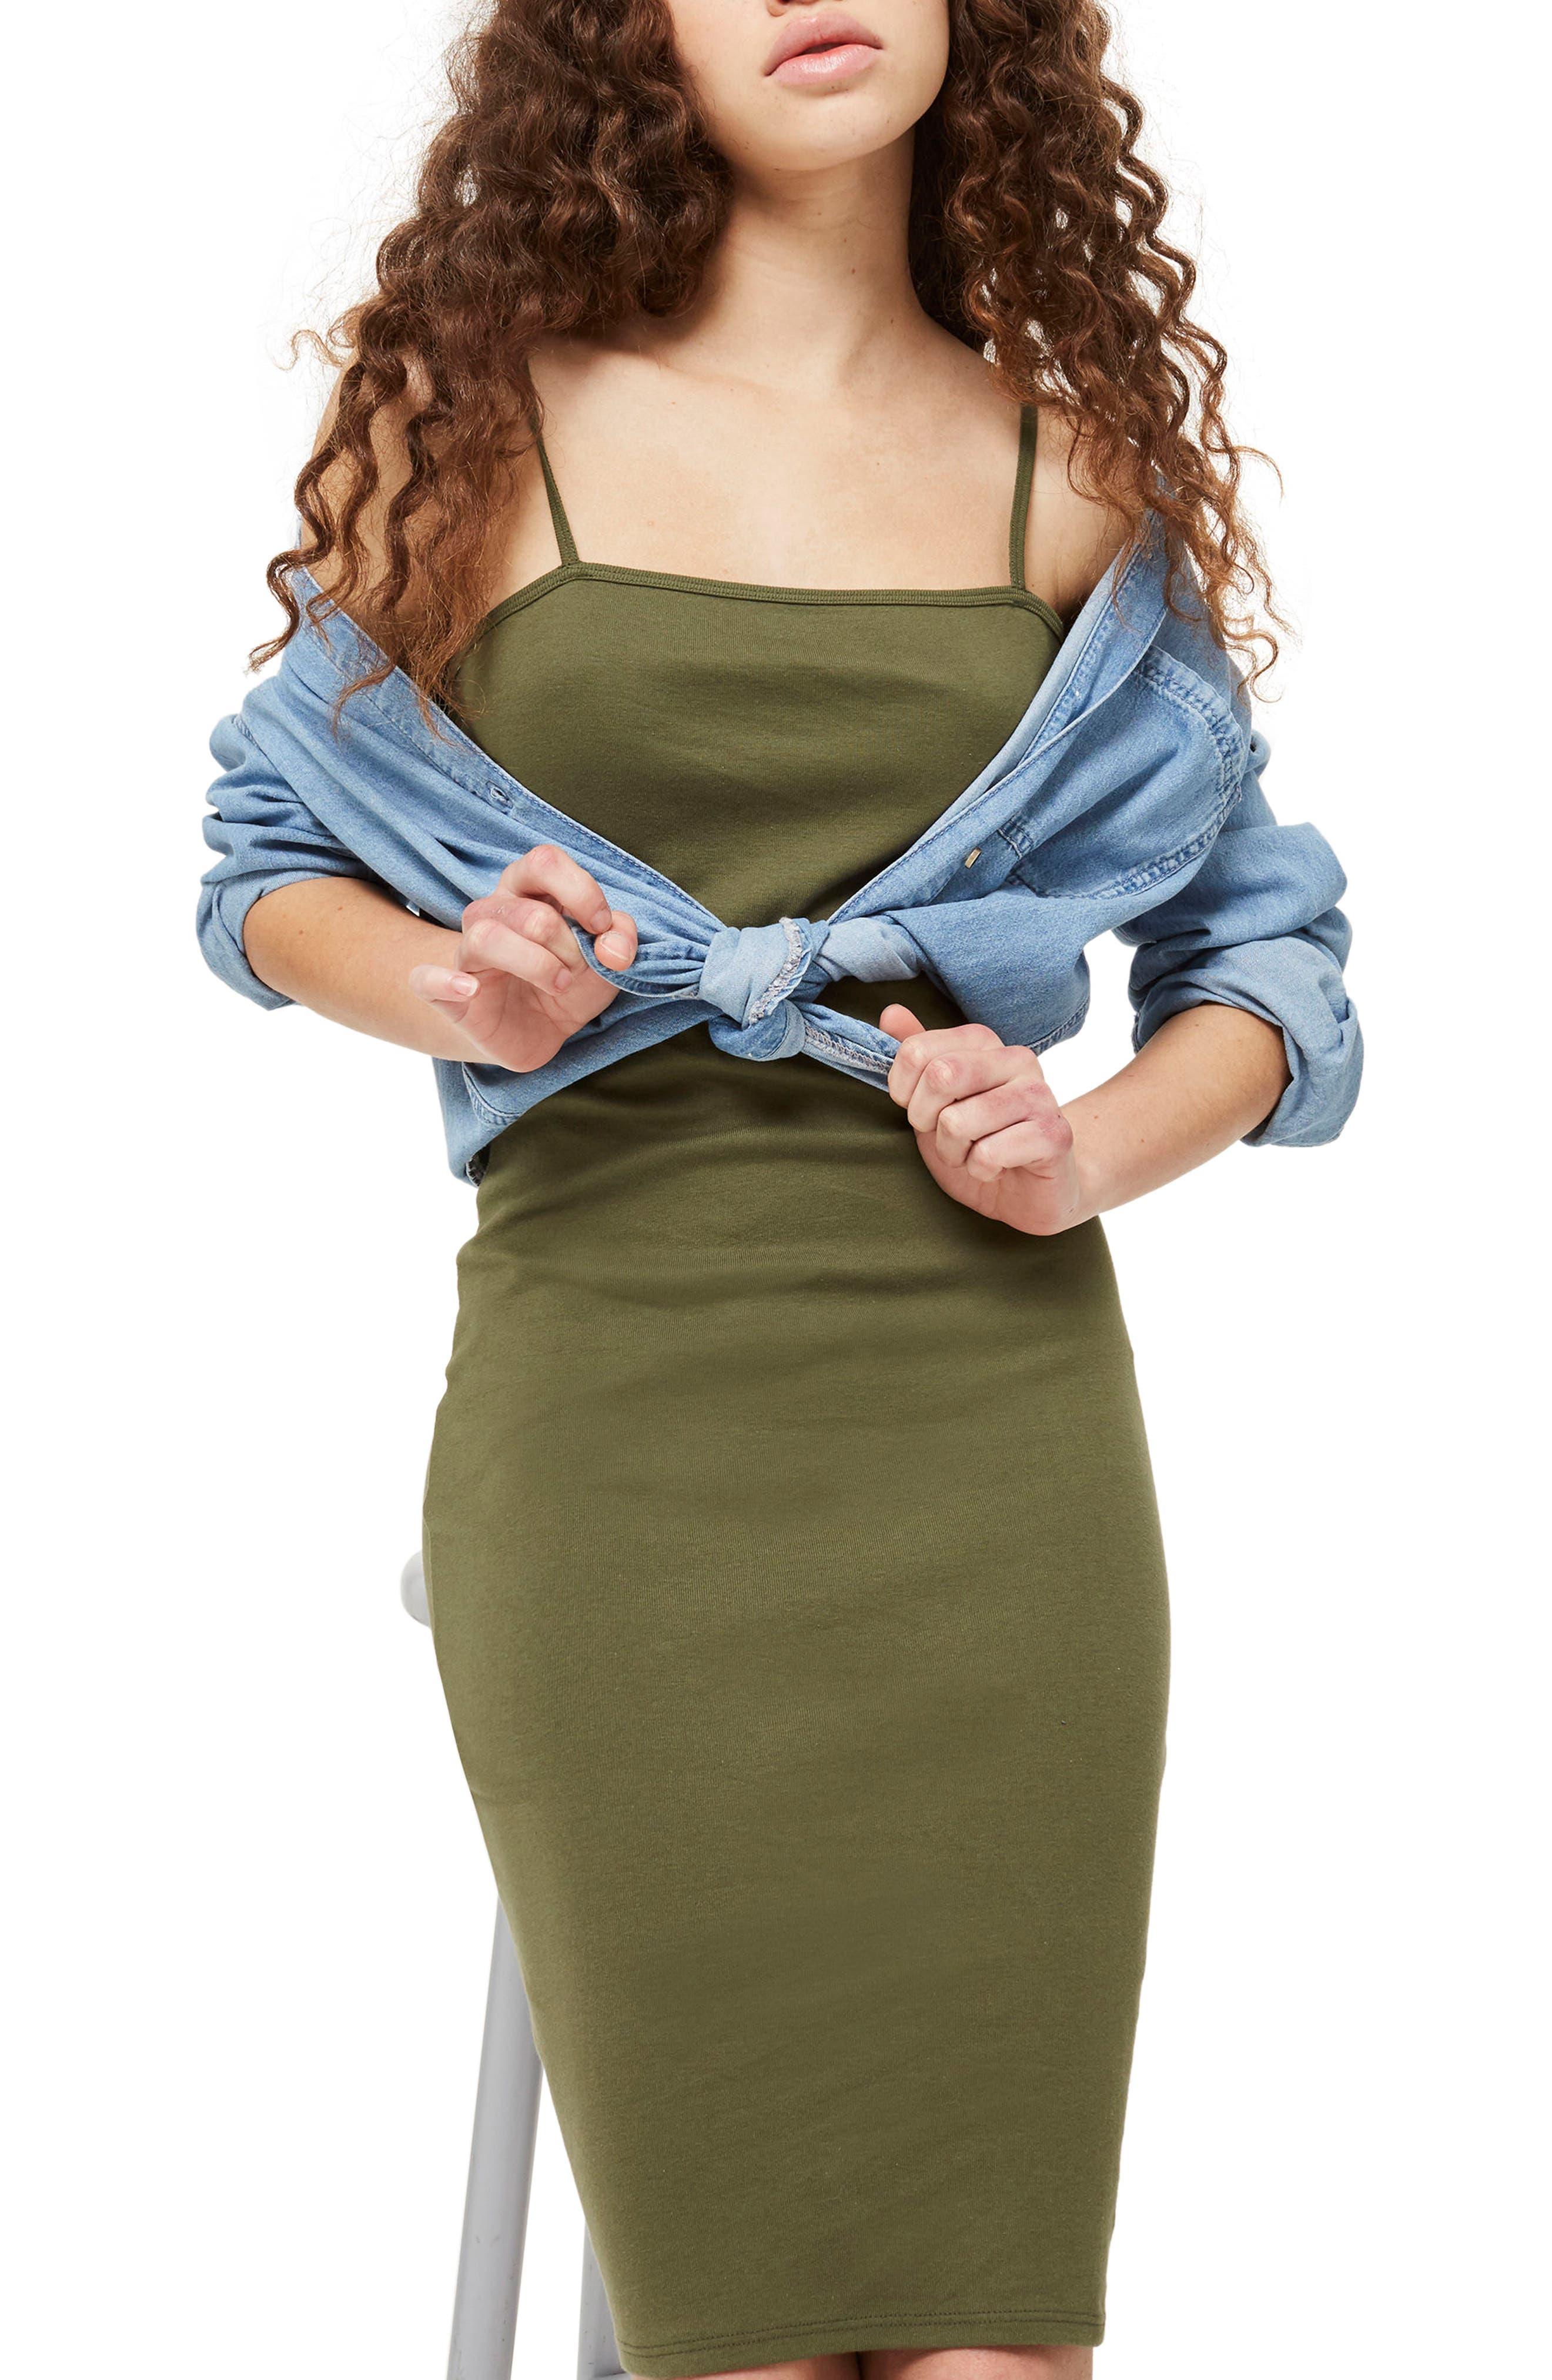 Topshop Body-Con Midi Dress